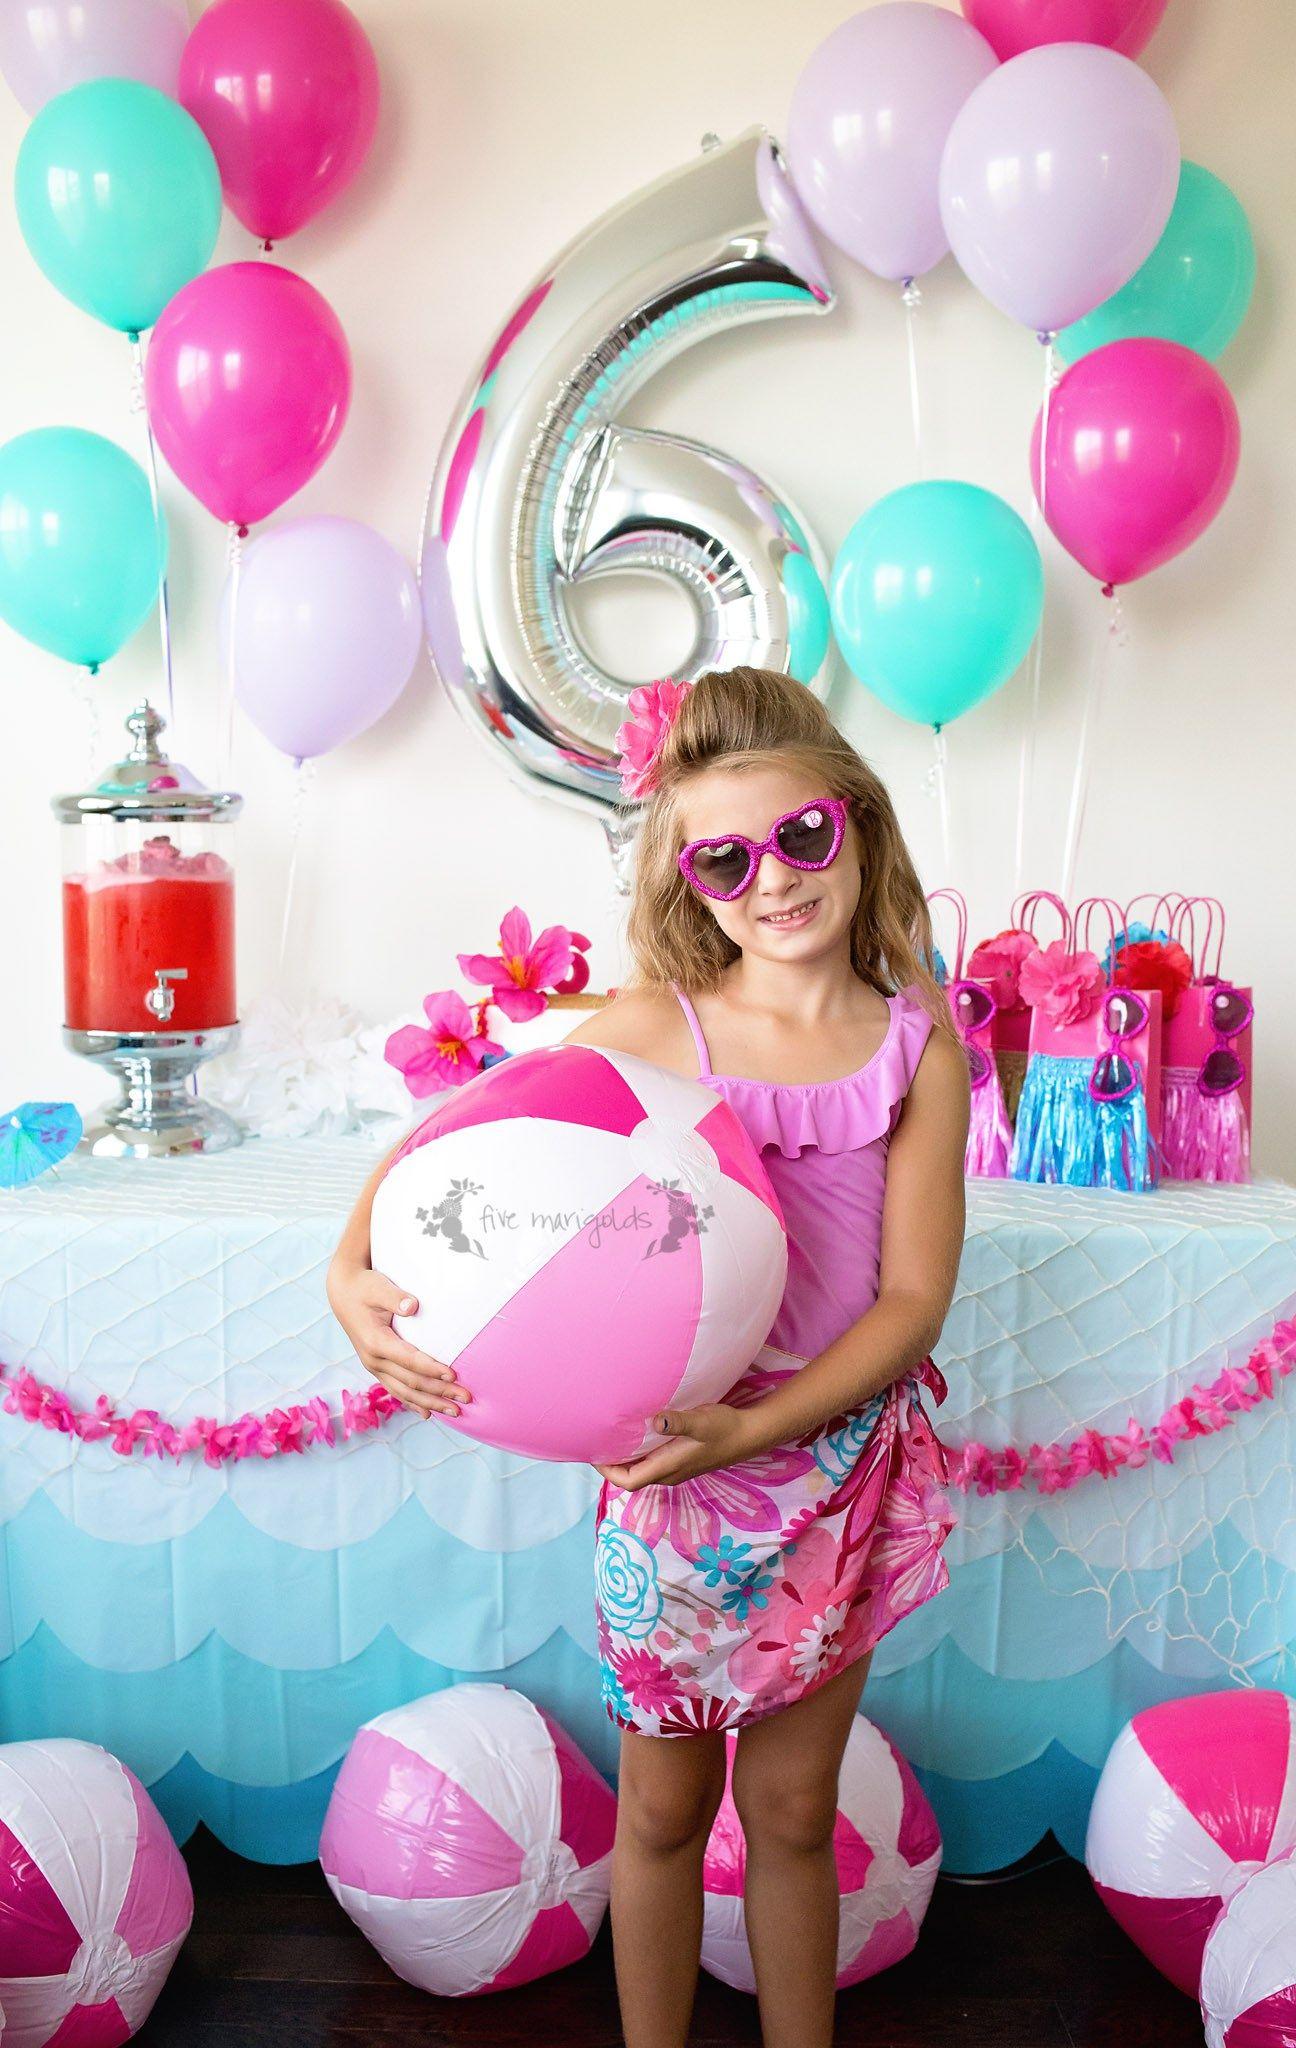 Malibu Barbie Pool Party Under 50 Malibu Barbie